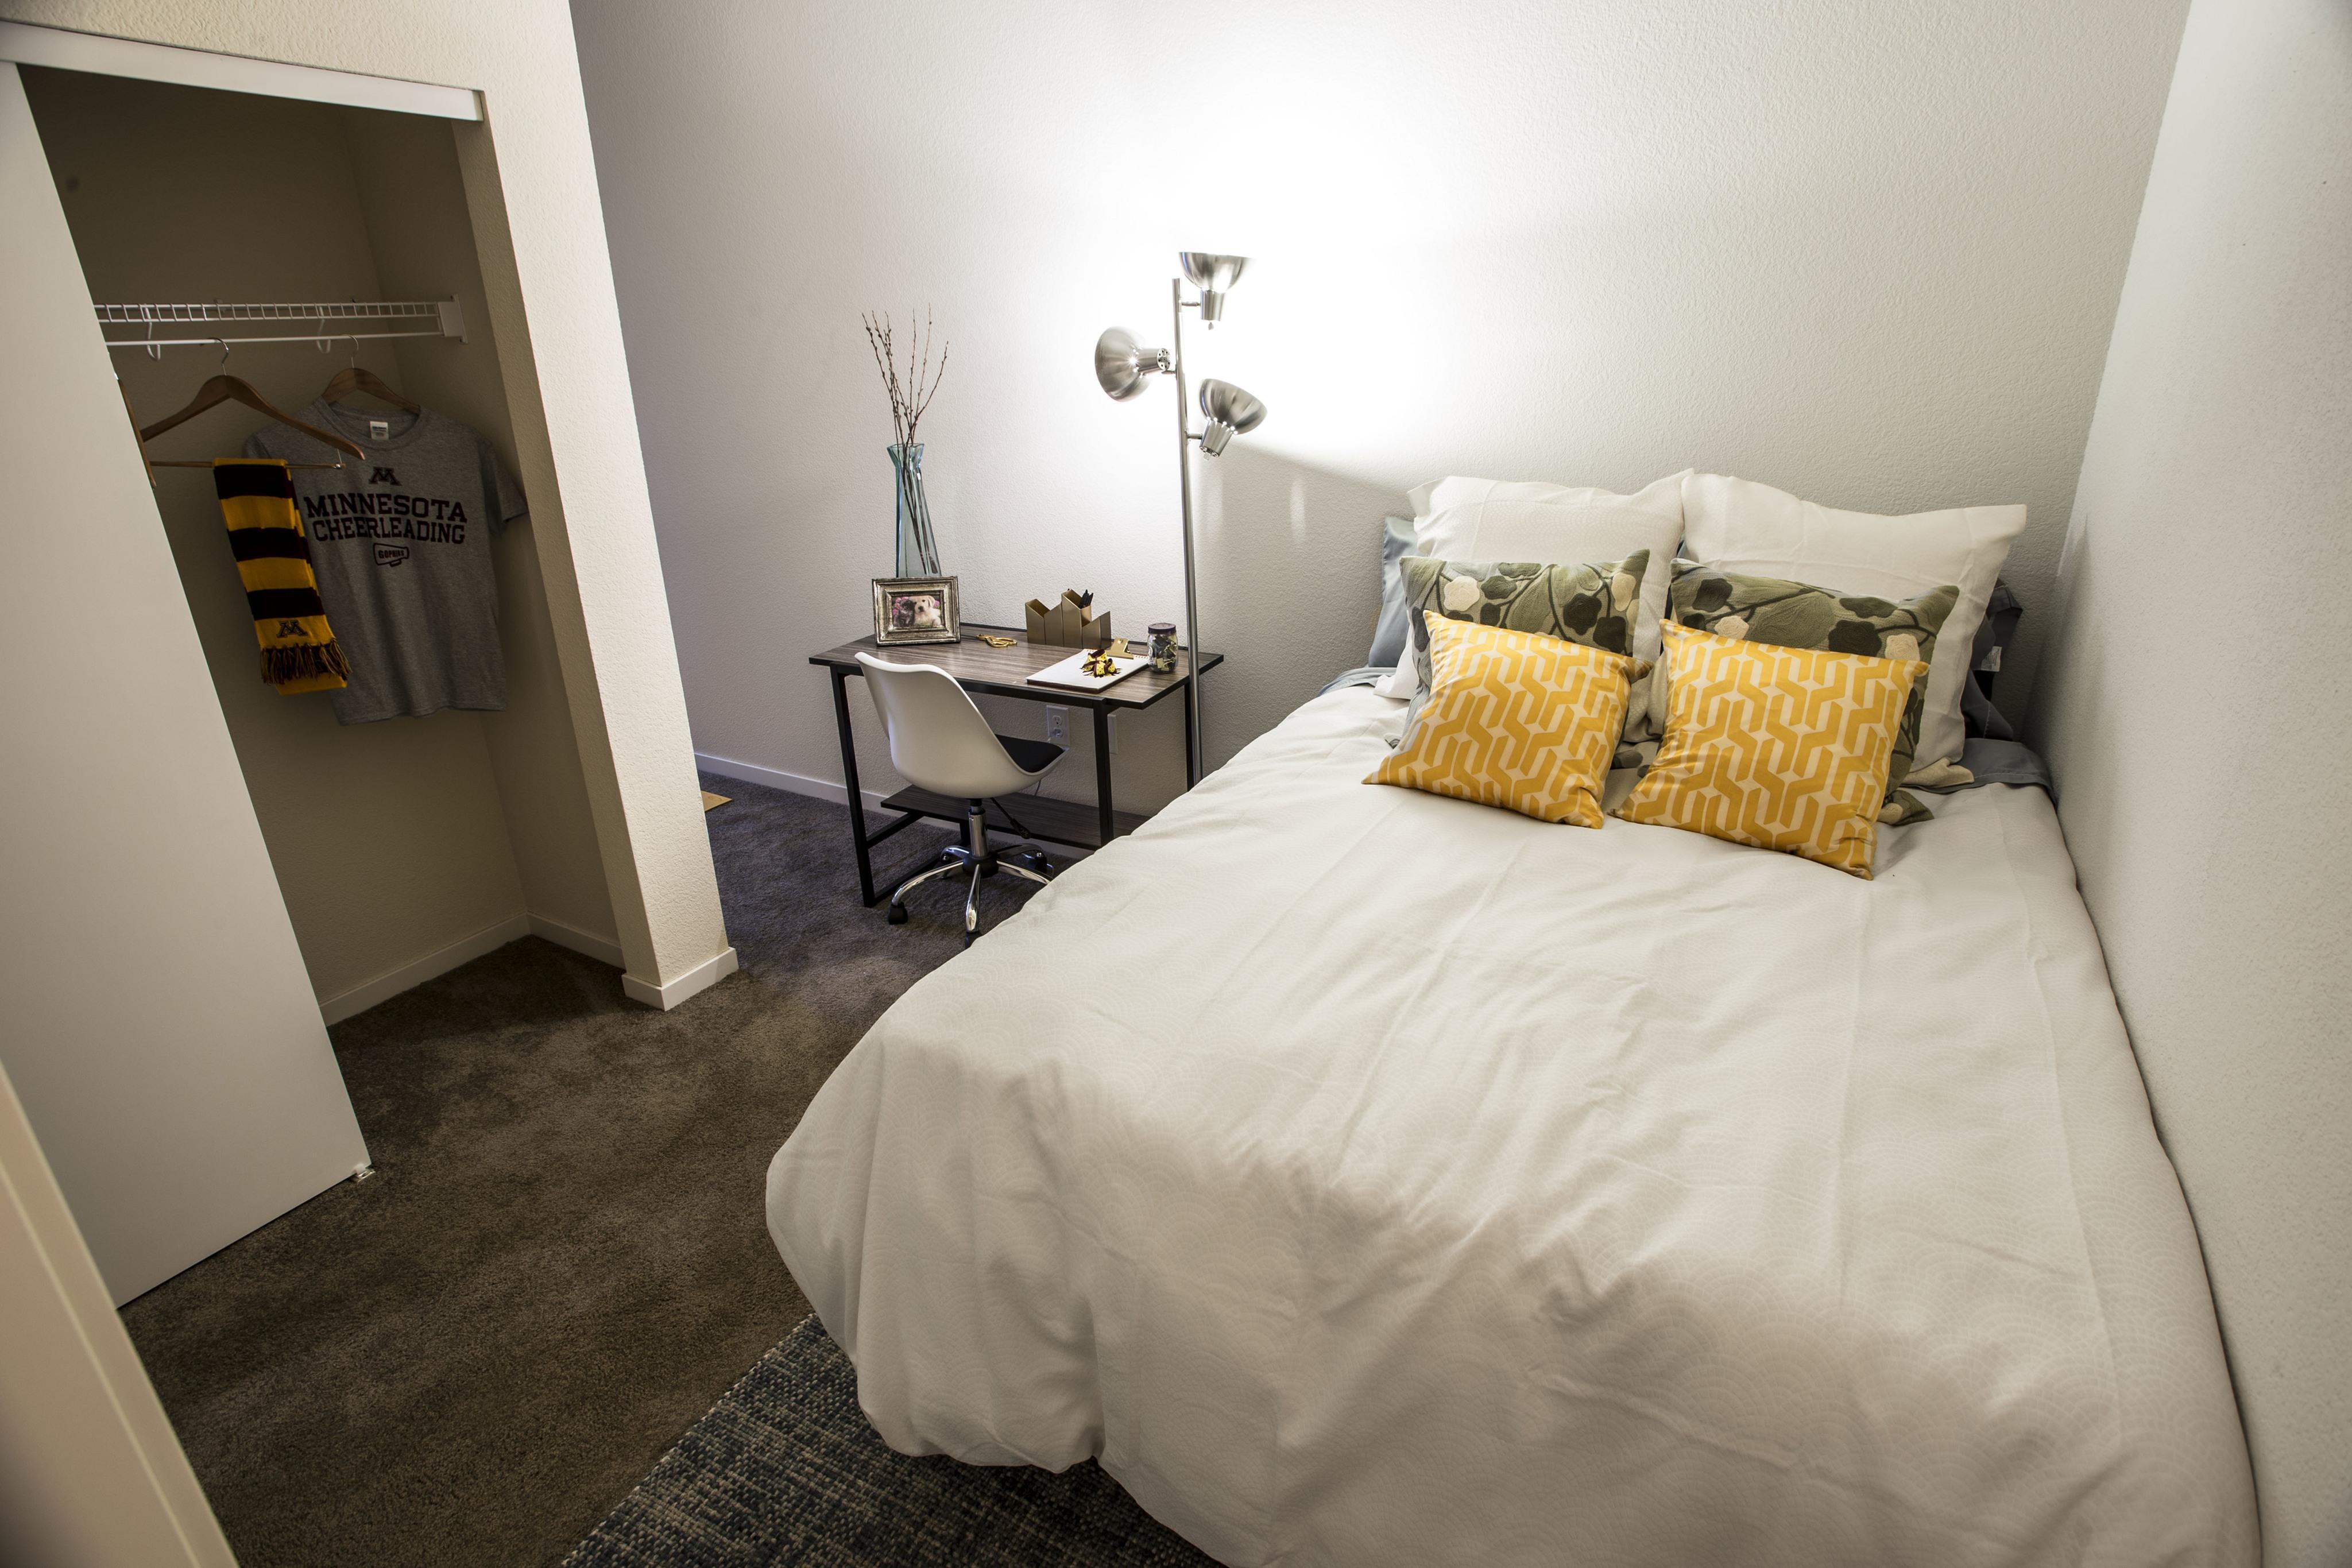 WaHu Apartments image 6